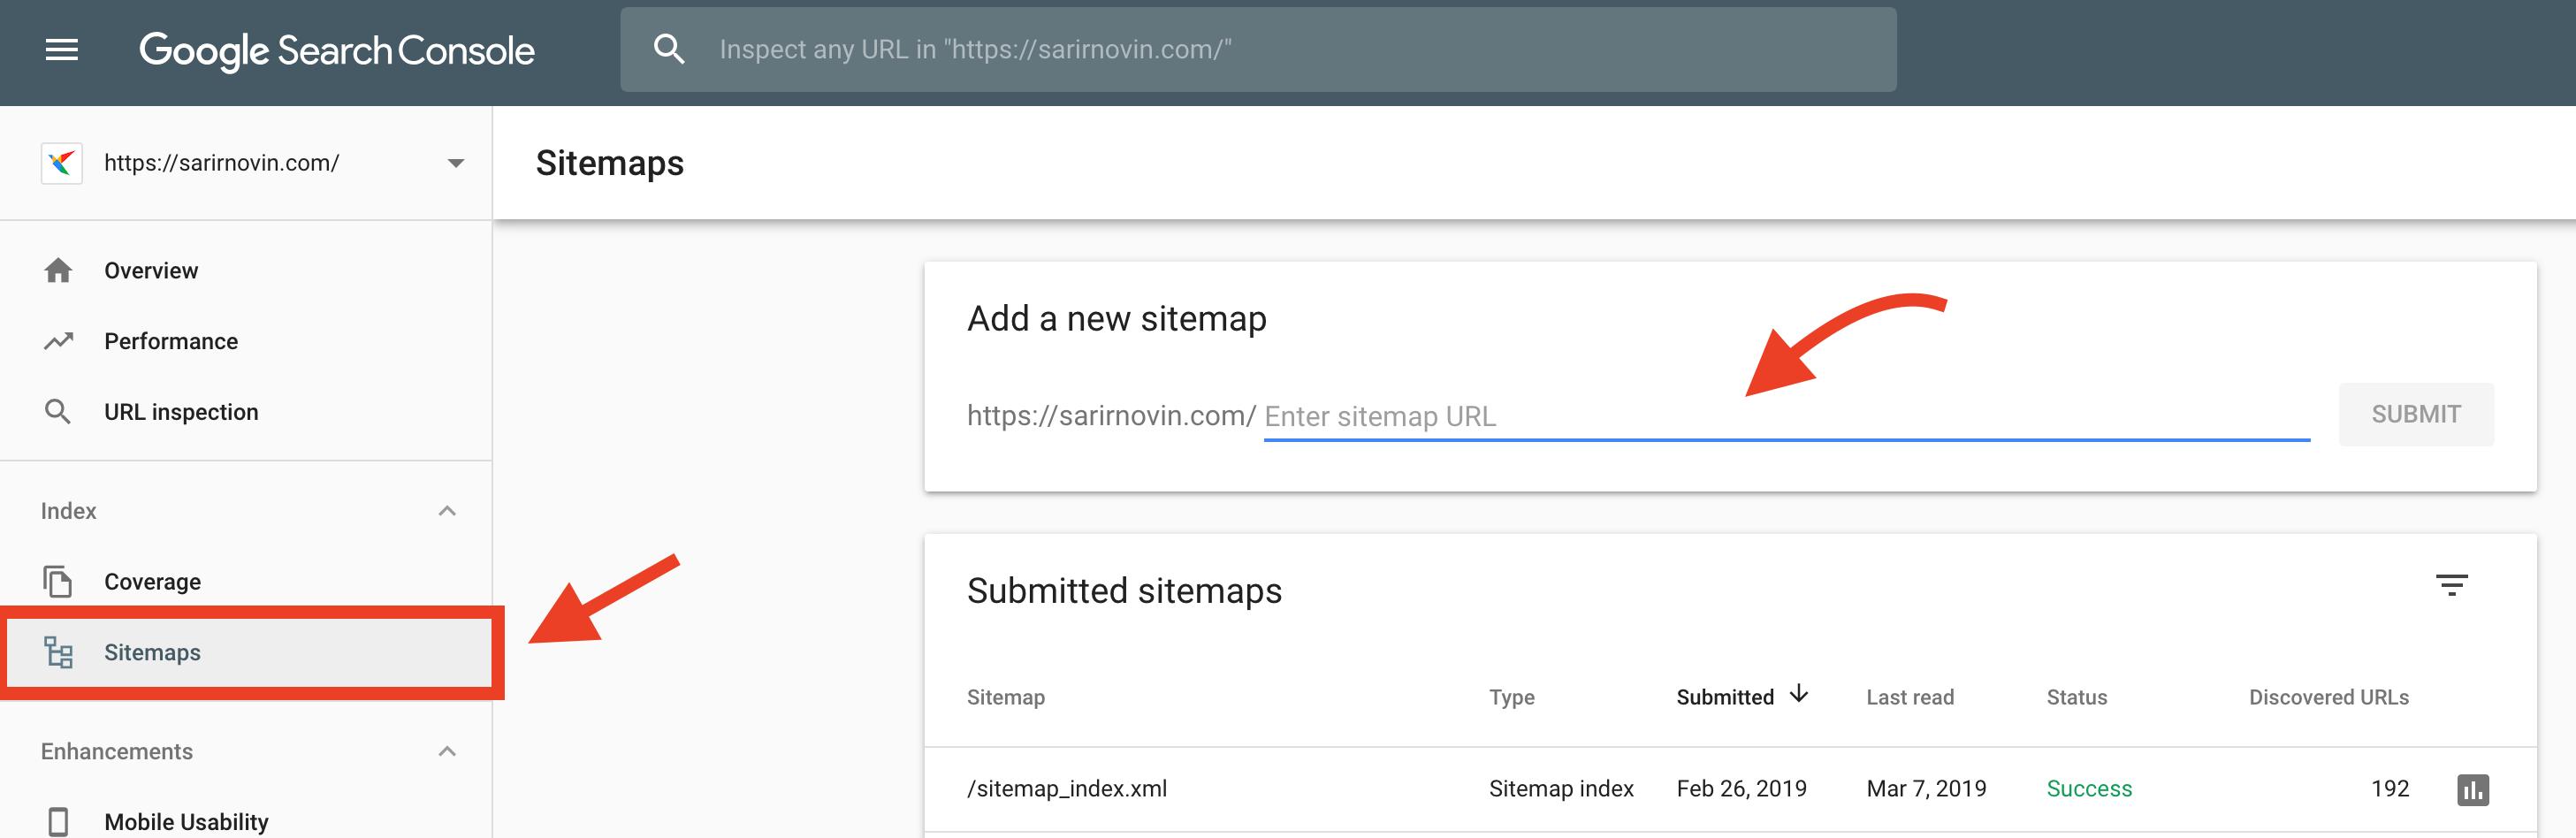 ثبت نقشه سایت در کنسول وبمستر گوگل